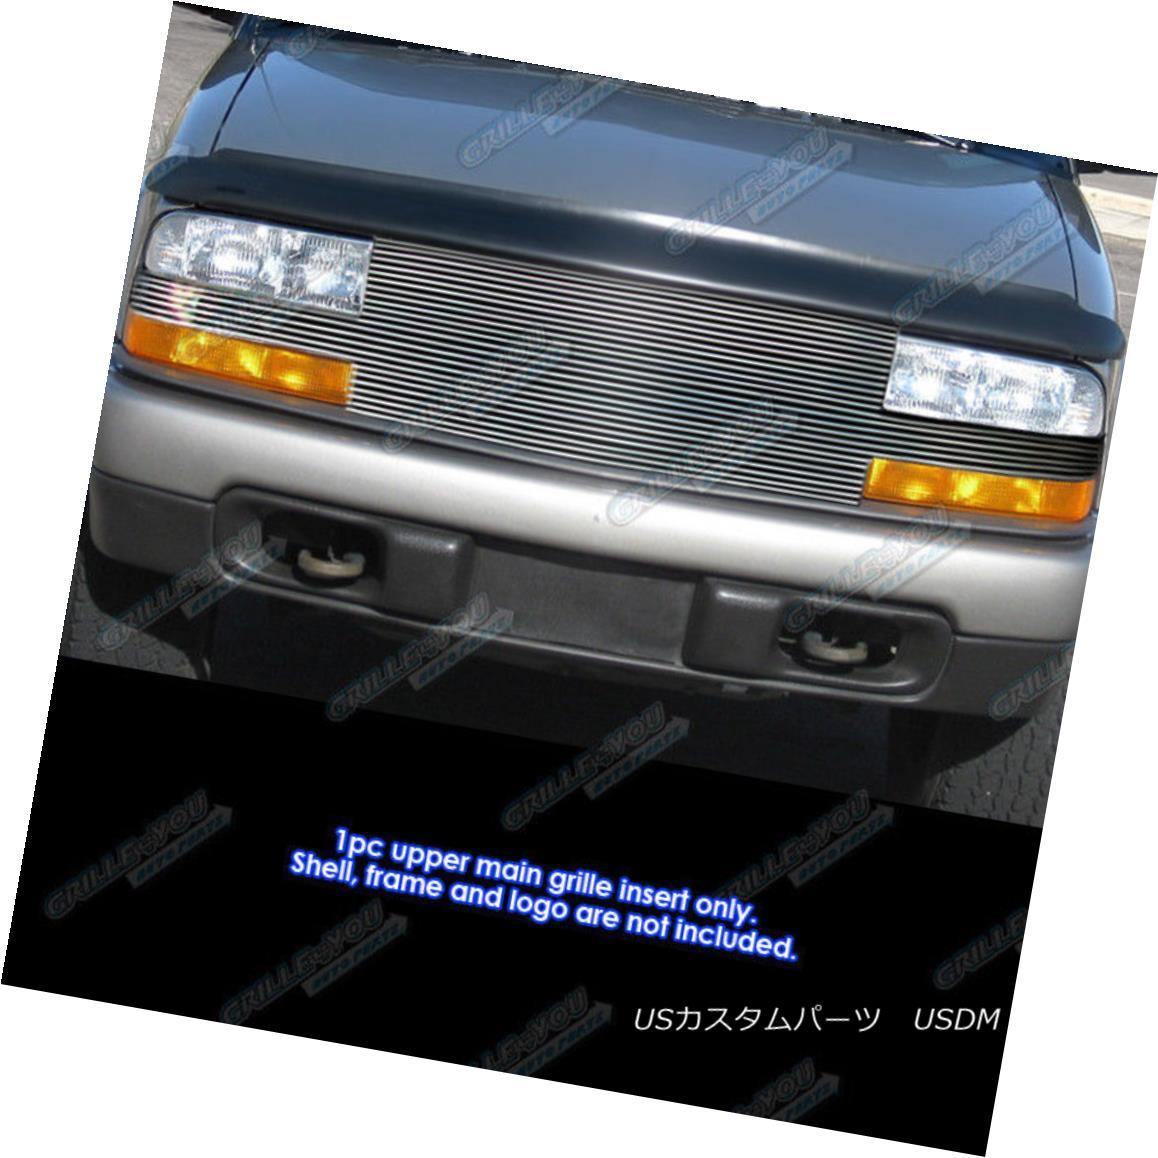 グリル Fits 1998-2004 Chevy S-10 Pickup/Blazer Full Face Billet Grille Grill Insert フィット1998-2004シボレーS - 10ピックアップ/ブレザーフルフェイスビレットグリルグリルインサート